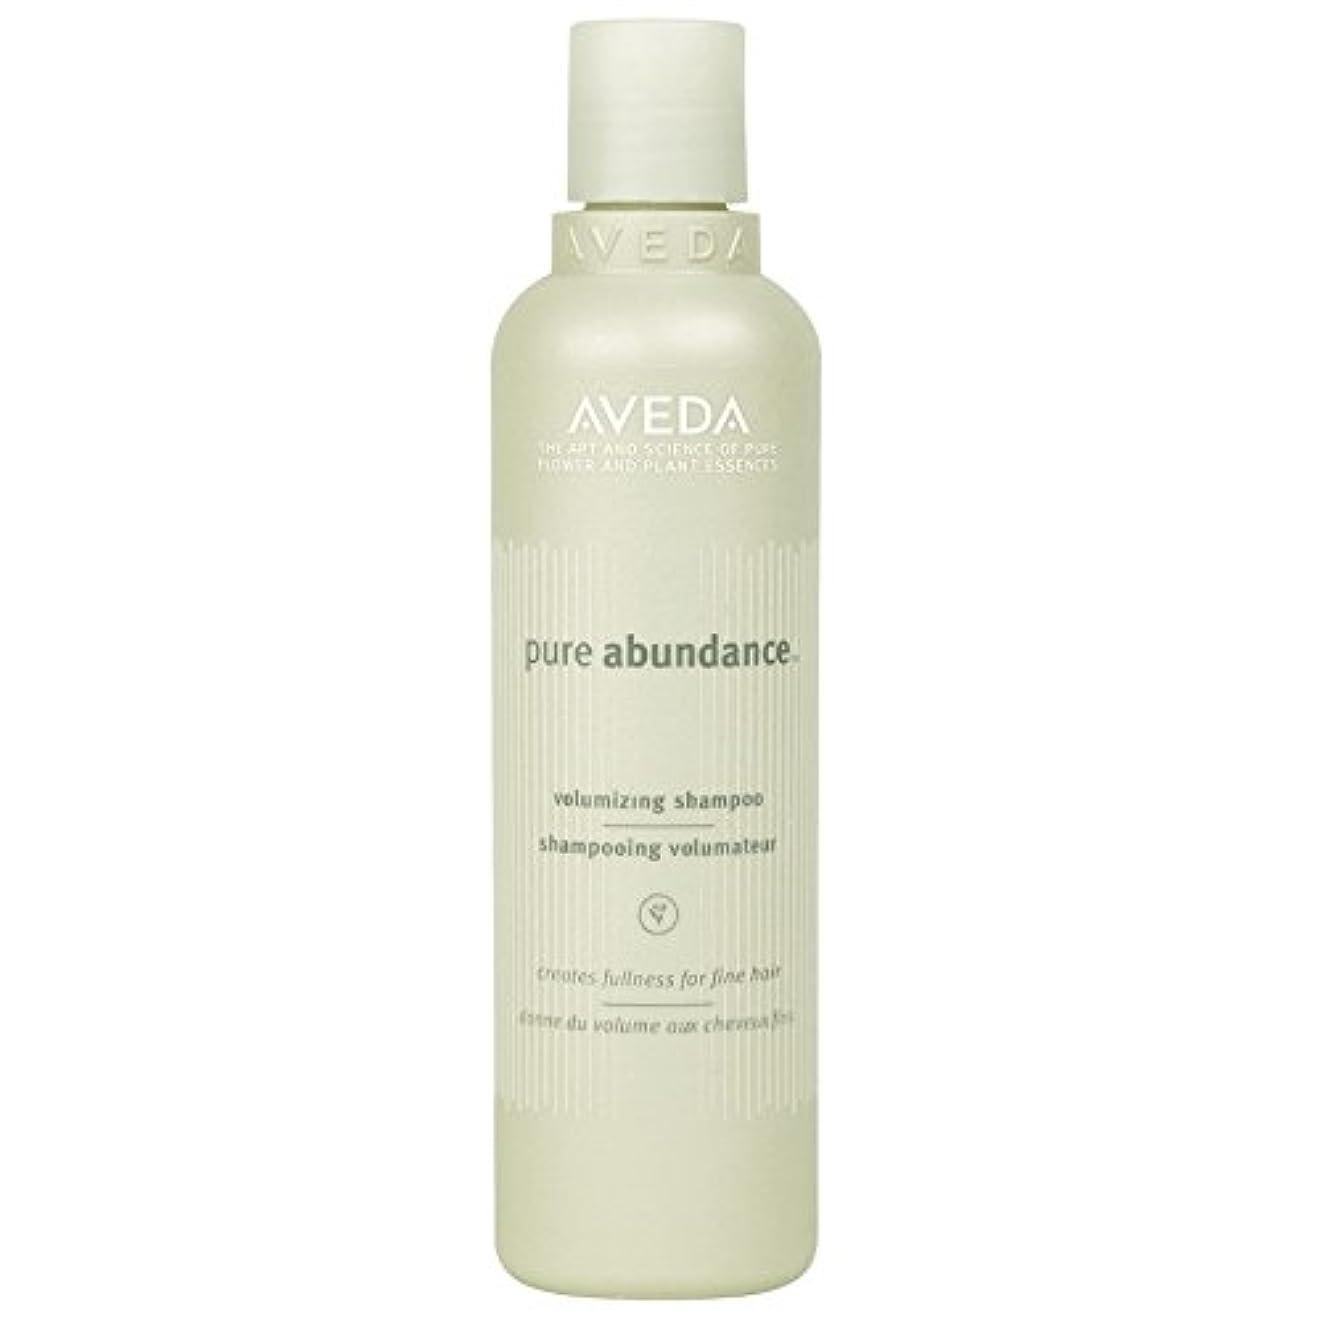 早める圧縮された流出[AVEDA] アヴェダピュア豊富ボリューム化シャンプー250ミリリットル - Aveda Pure Abundance Volumizing Shampoo 250ml [並行輸入品]